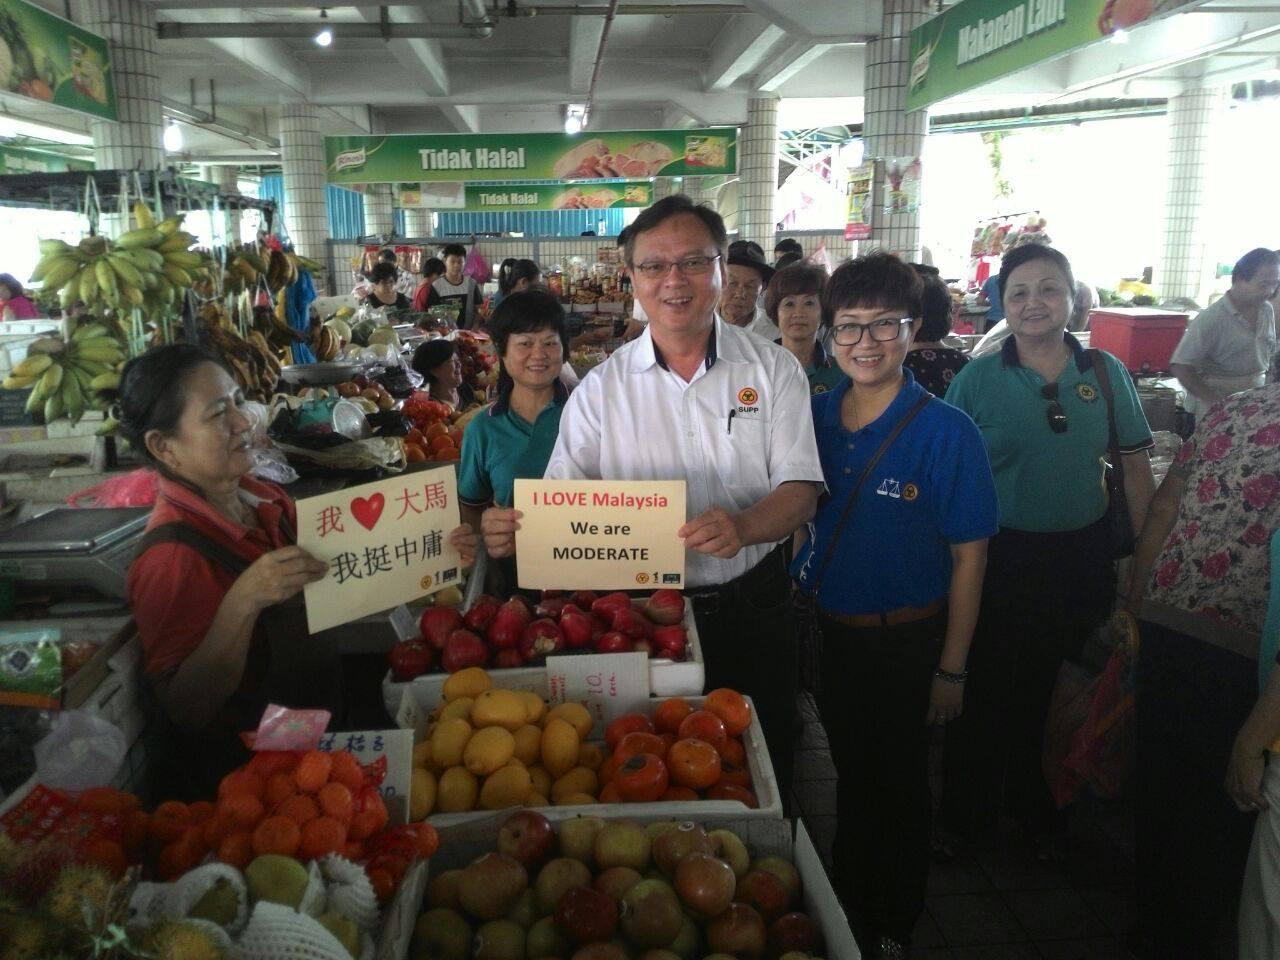 砂人联党哥打圣淘沙支部主席罗克强及中央妇女组顾问郑荔嫔与民众一起支持中庸。